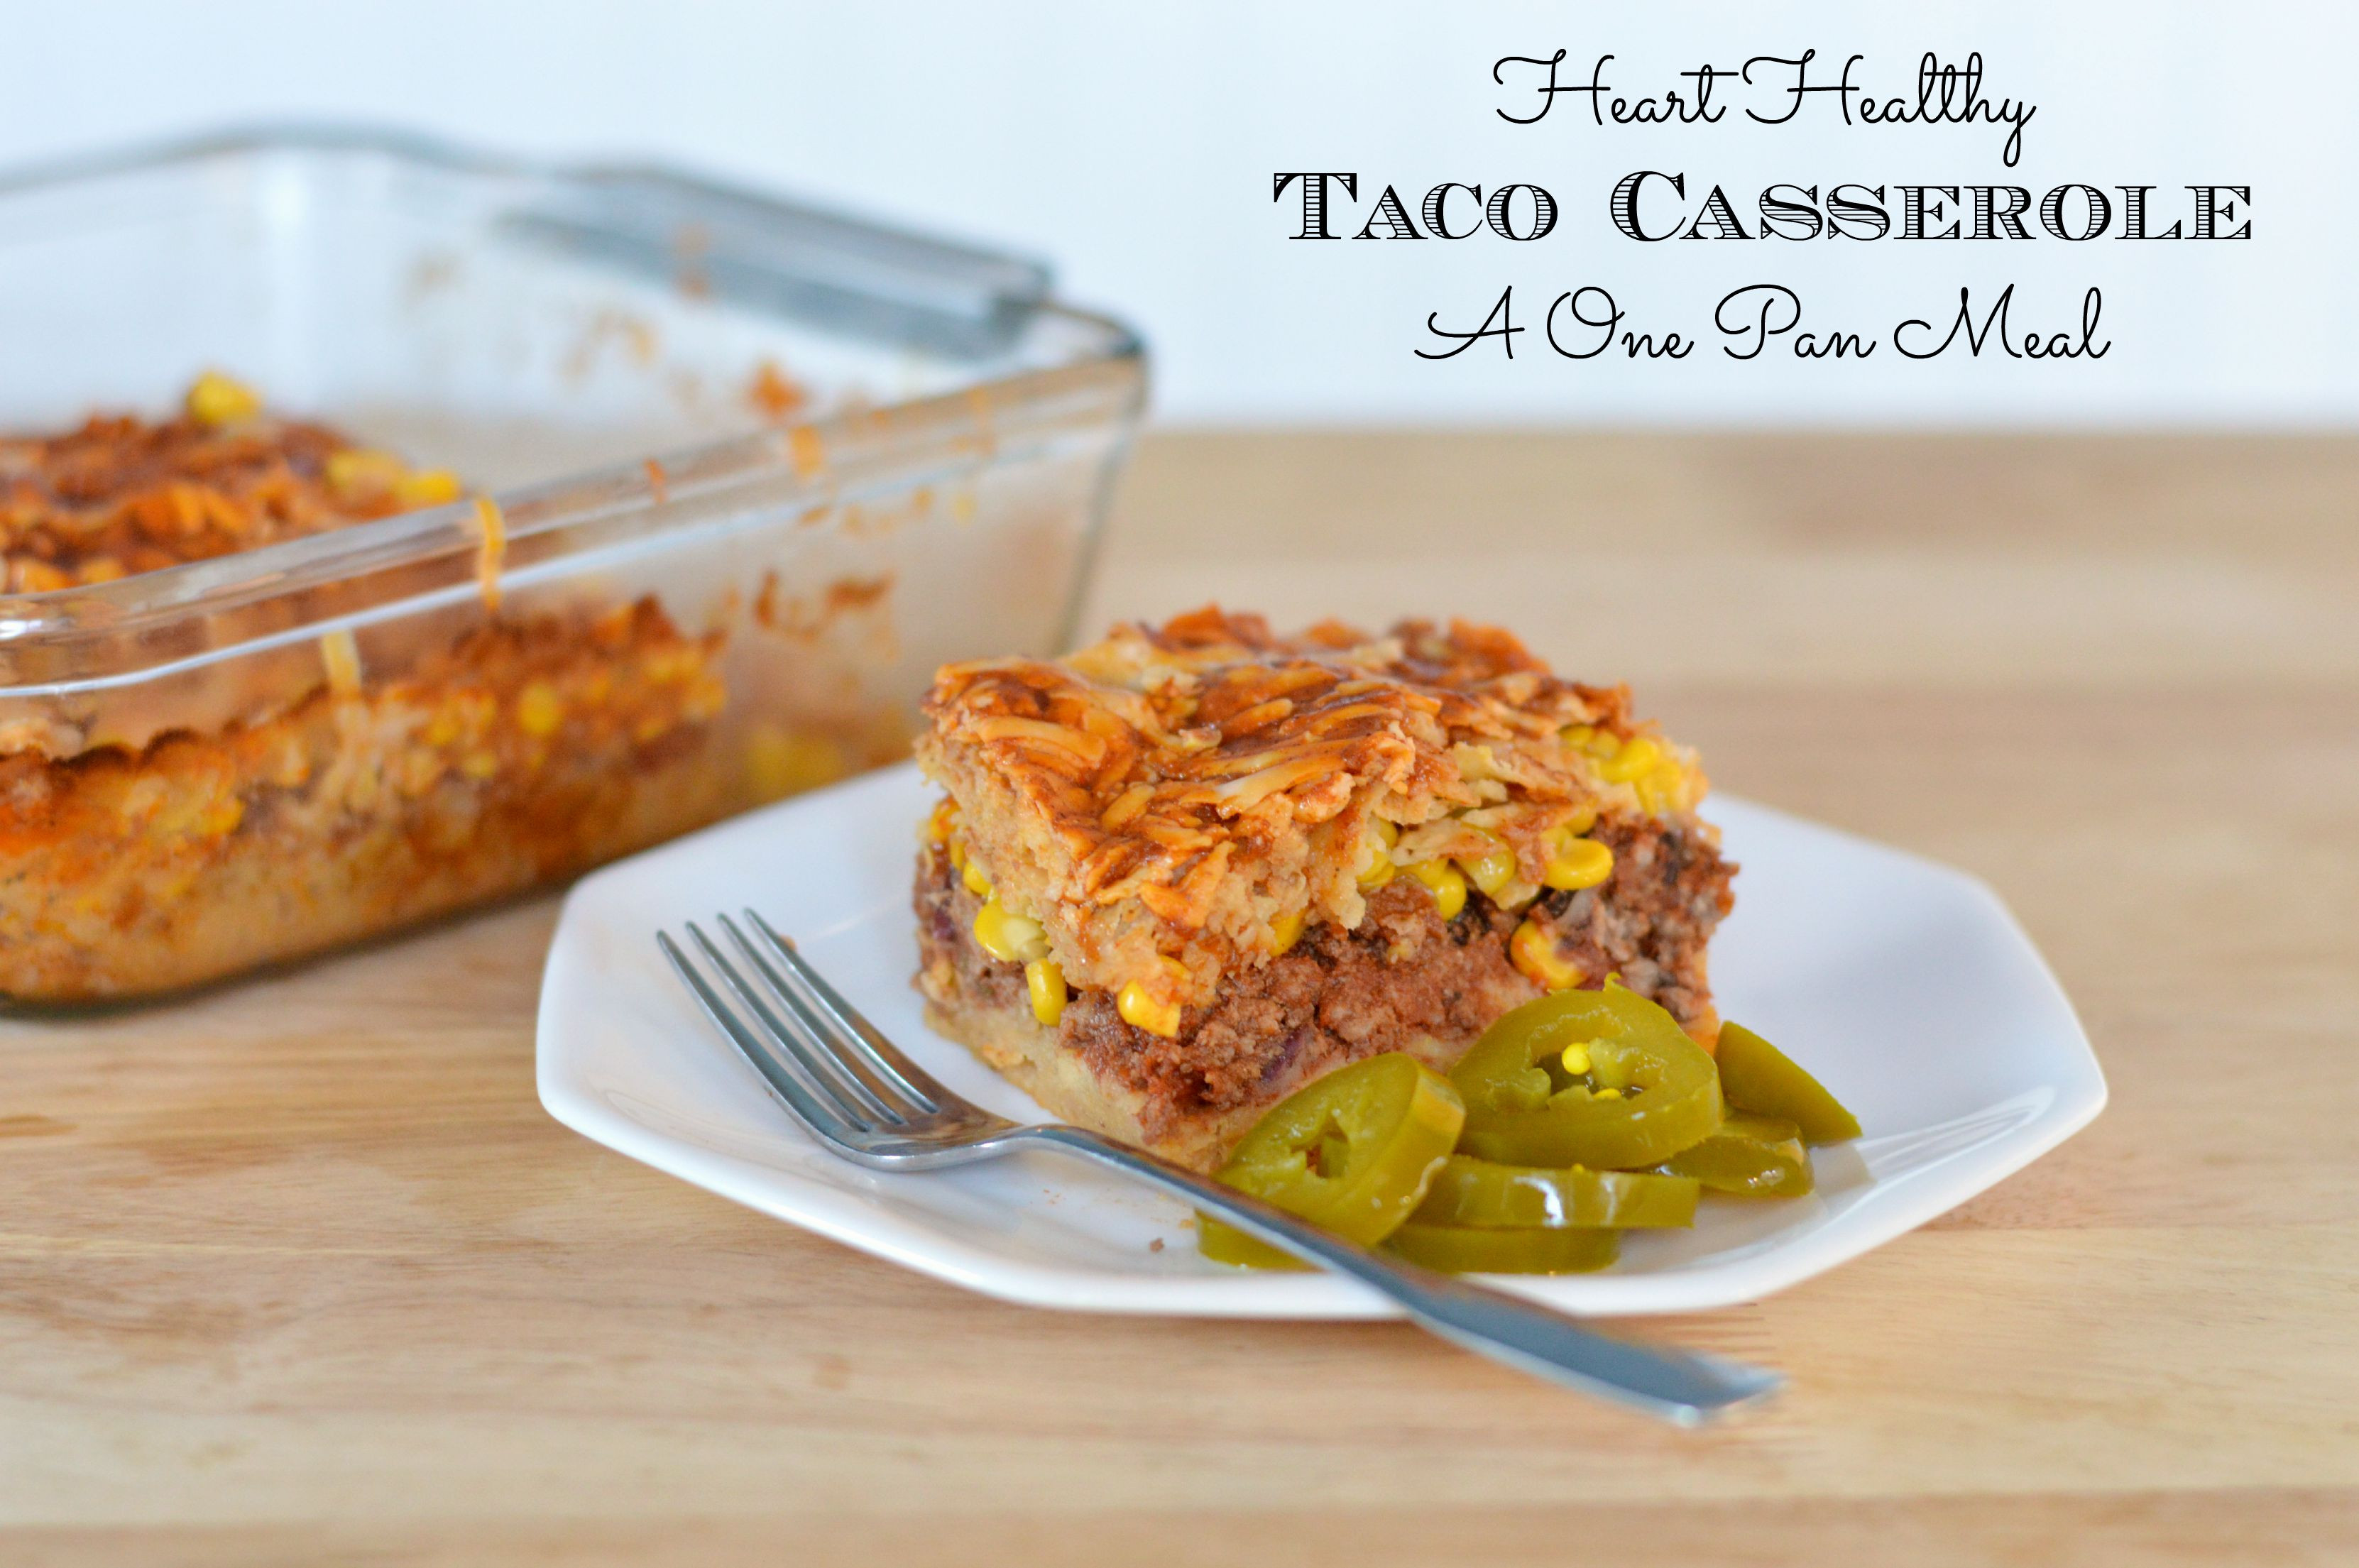 Heart Healthy Breakfast Casserole  e Pan Heart Healthy Taco Casserole